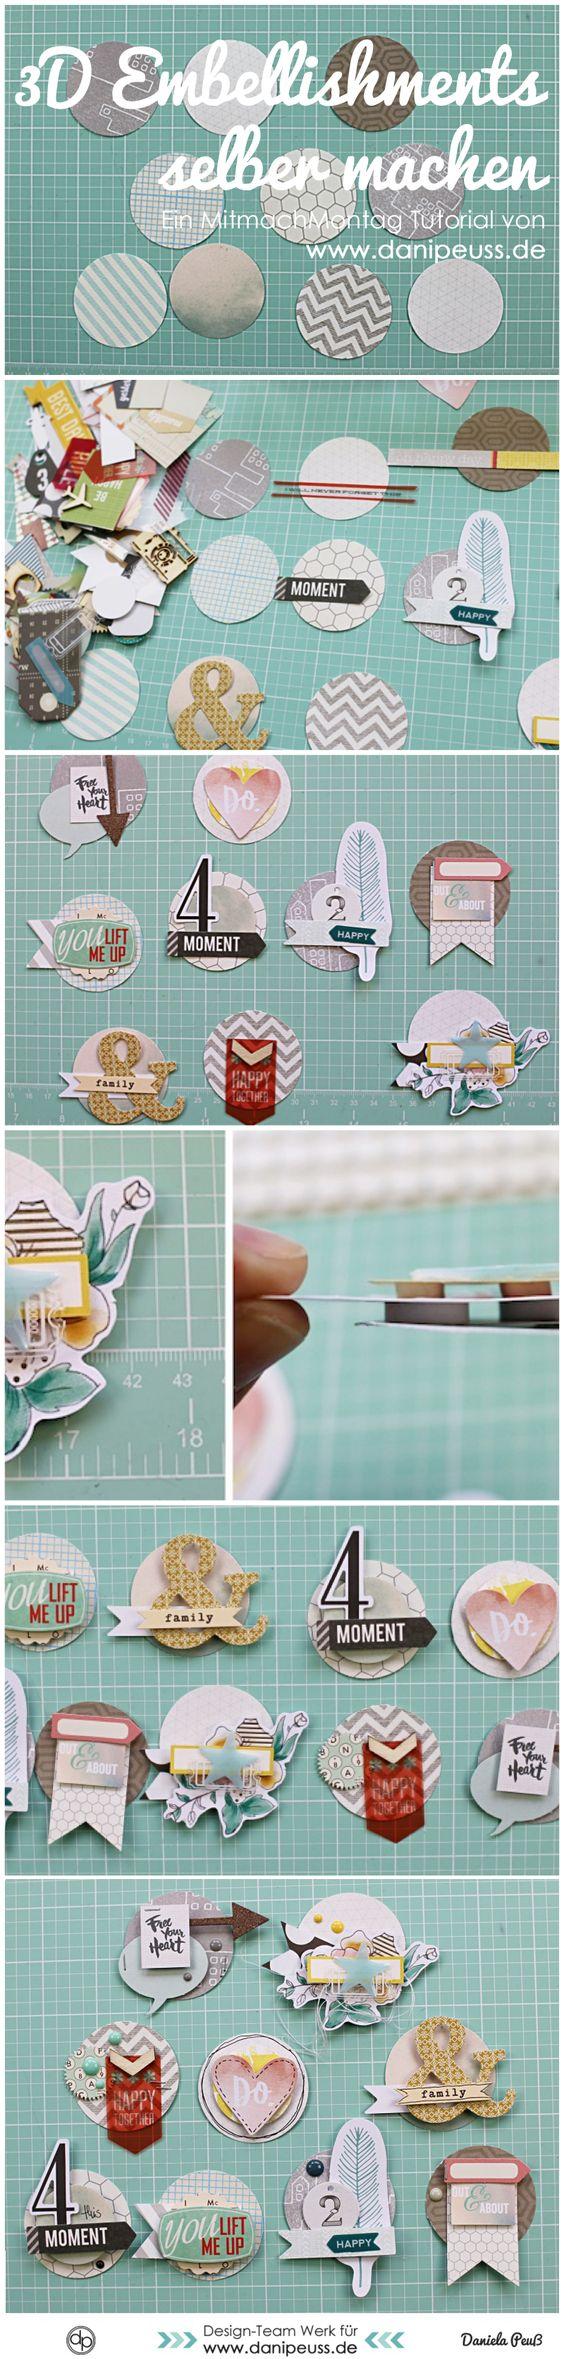 DIY 3D Scrapbooking Embellishments selber machen |ein MitmachMontag Tutorial von www.danipeuss.de